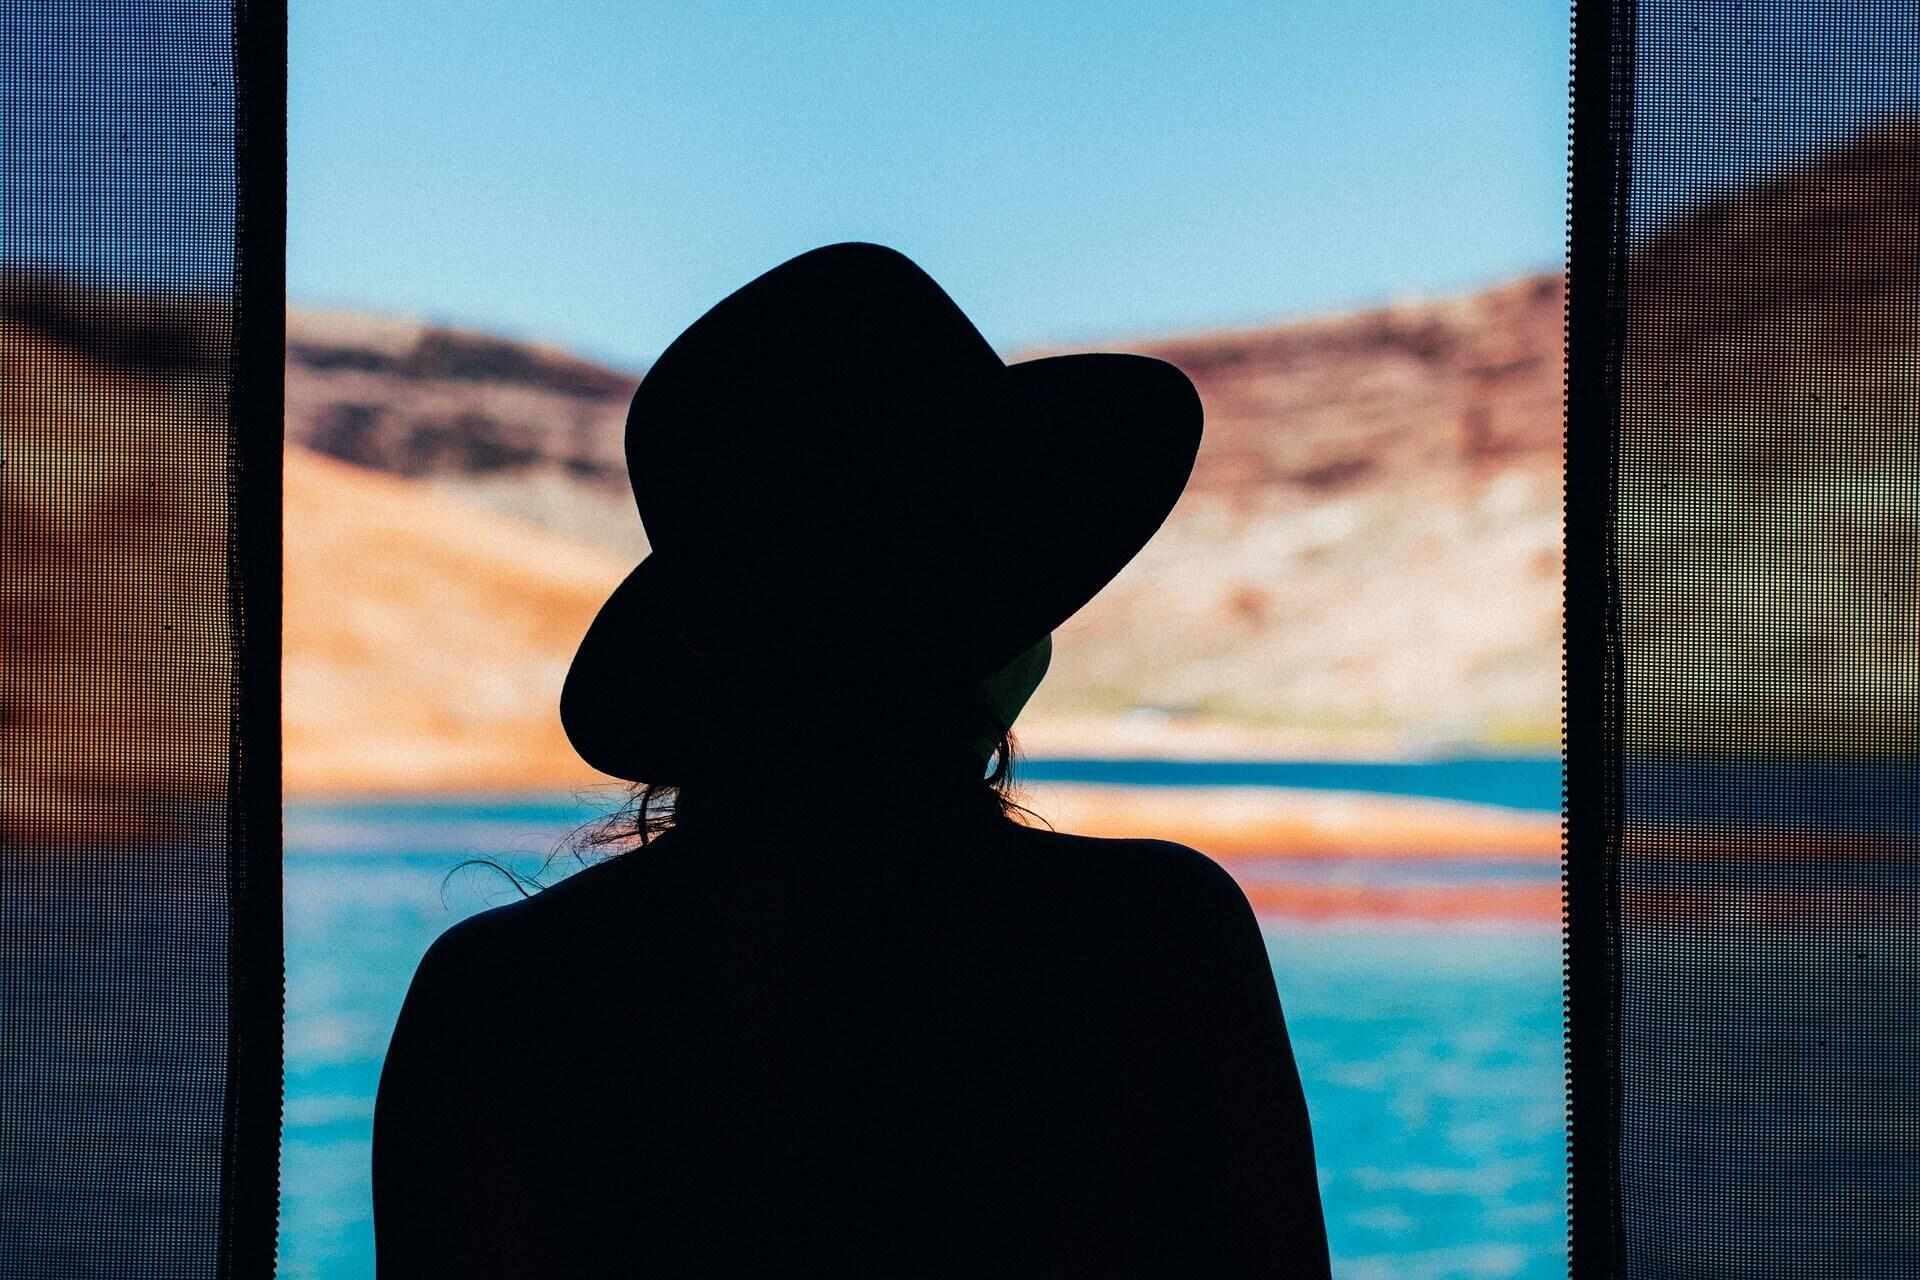 Frau mit Hut von hinten schaut aus einem offenen Fenster aufs Meer | Foto: Pixabay